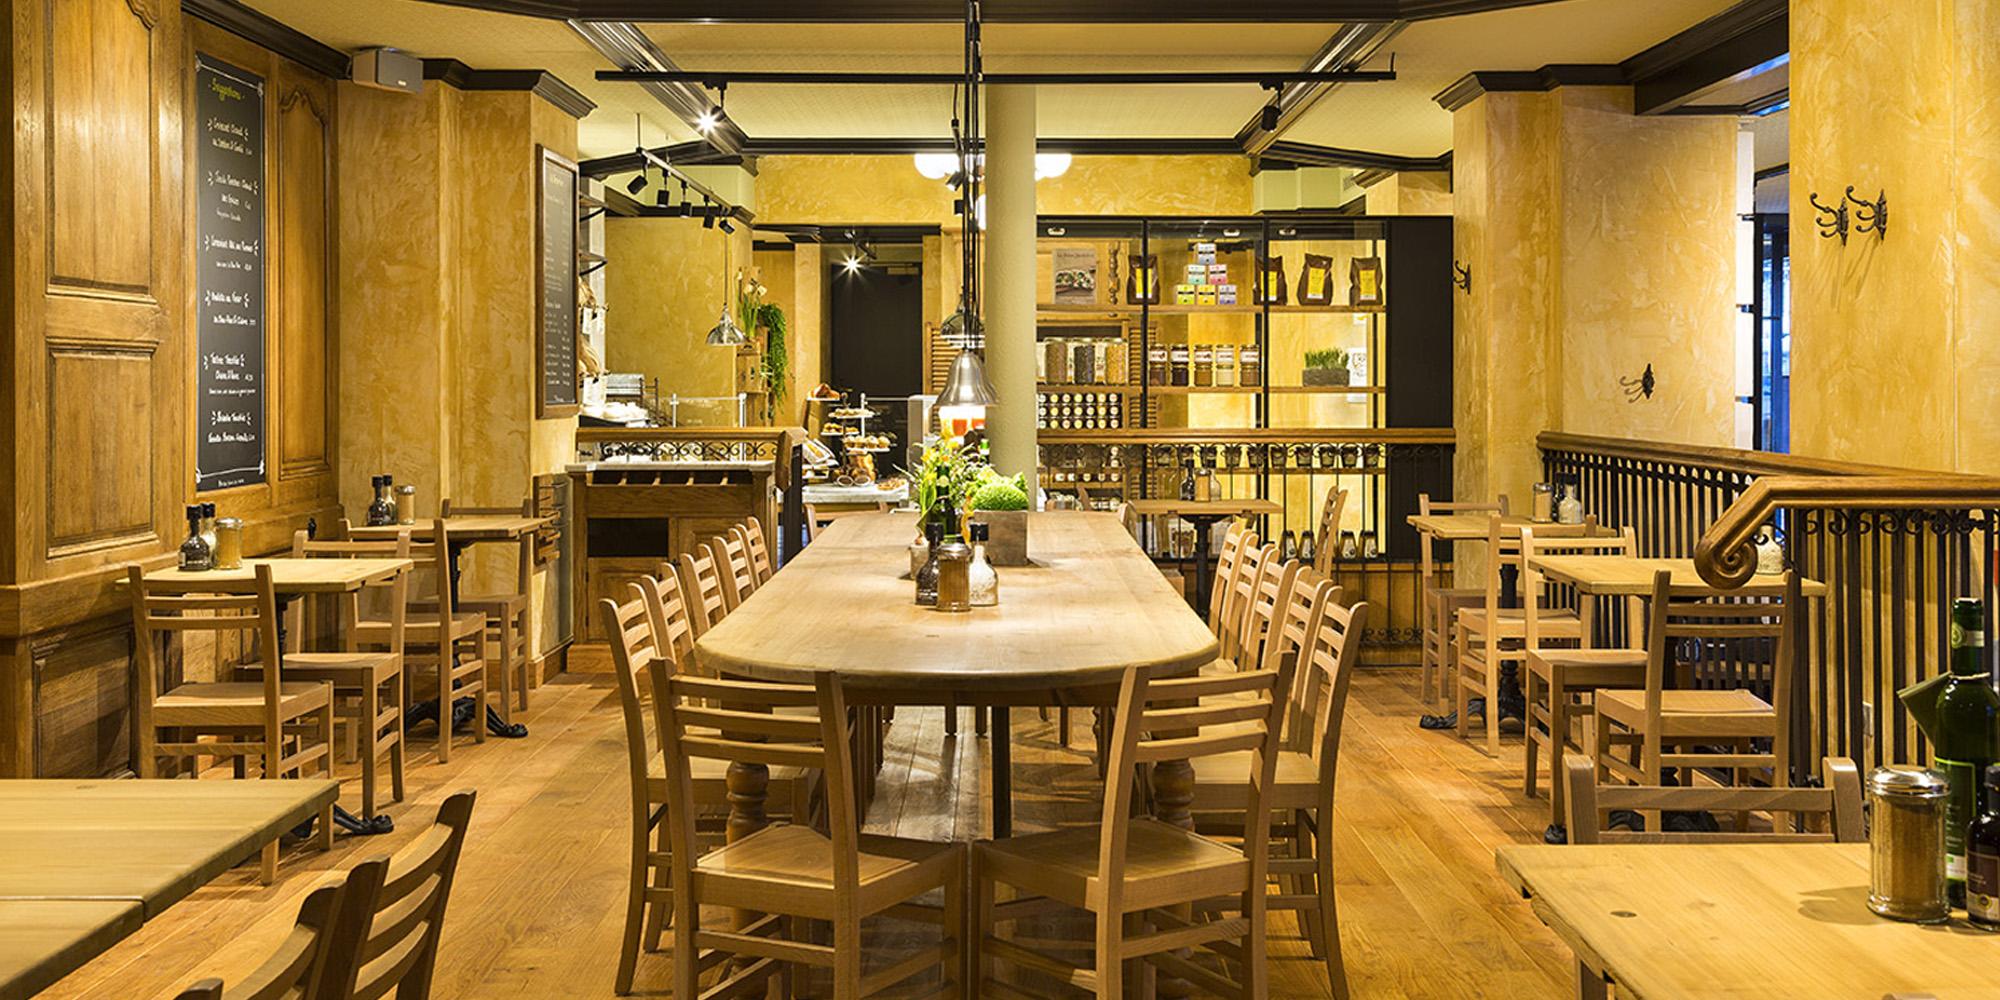 brunch le pain quotidien st lazare 75008 paris. Black Bedroom Furniture Sets. Home Design Ideas